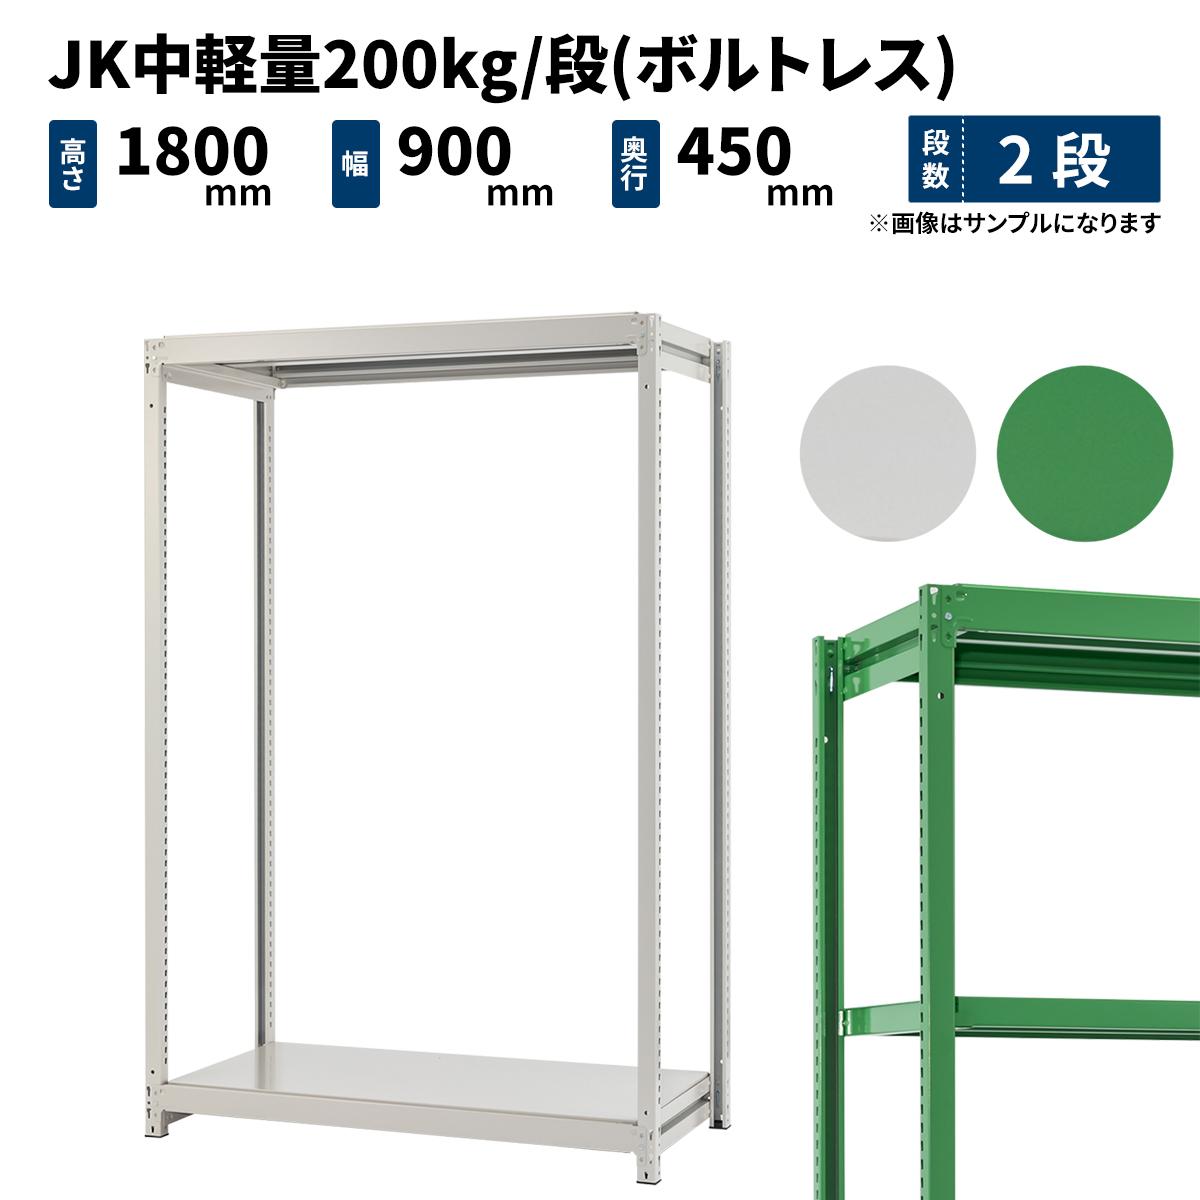 スチールラック 業務用 JK中軽量200kg/段(ボルトレス) 単体形式 高さ1800×幅900×奥行450mm 2段 ホワイトグレー/グリーン (27kg) JK200_T-180945-2